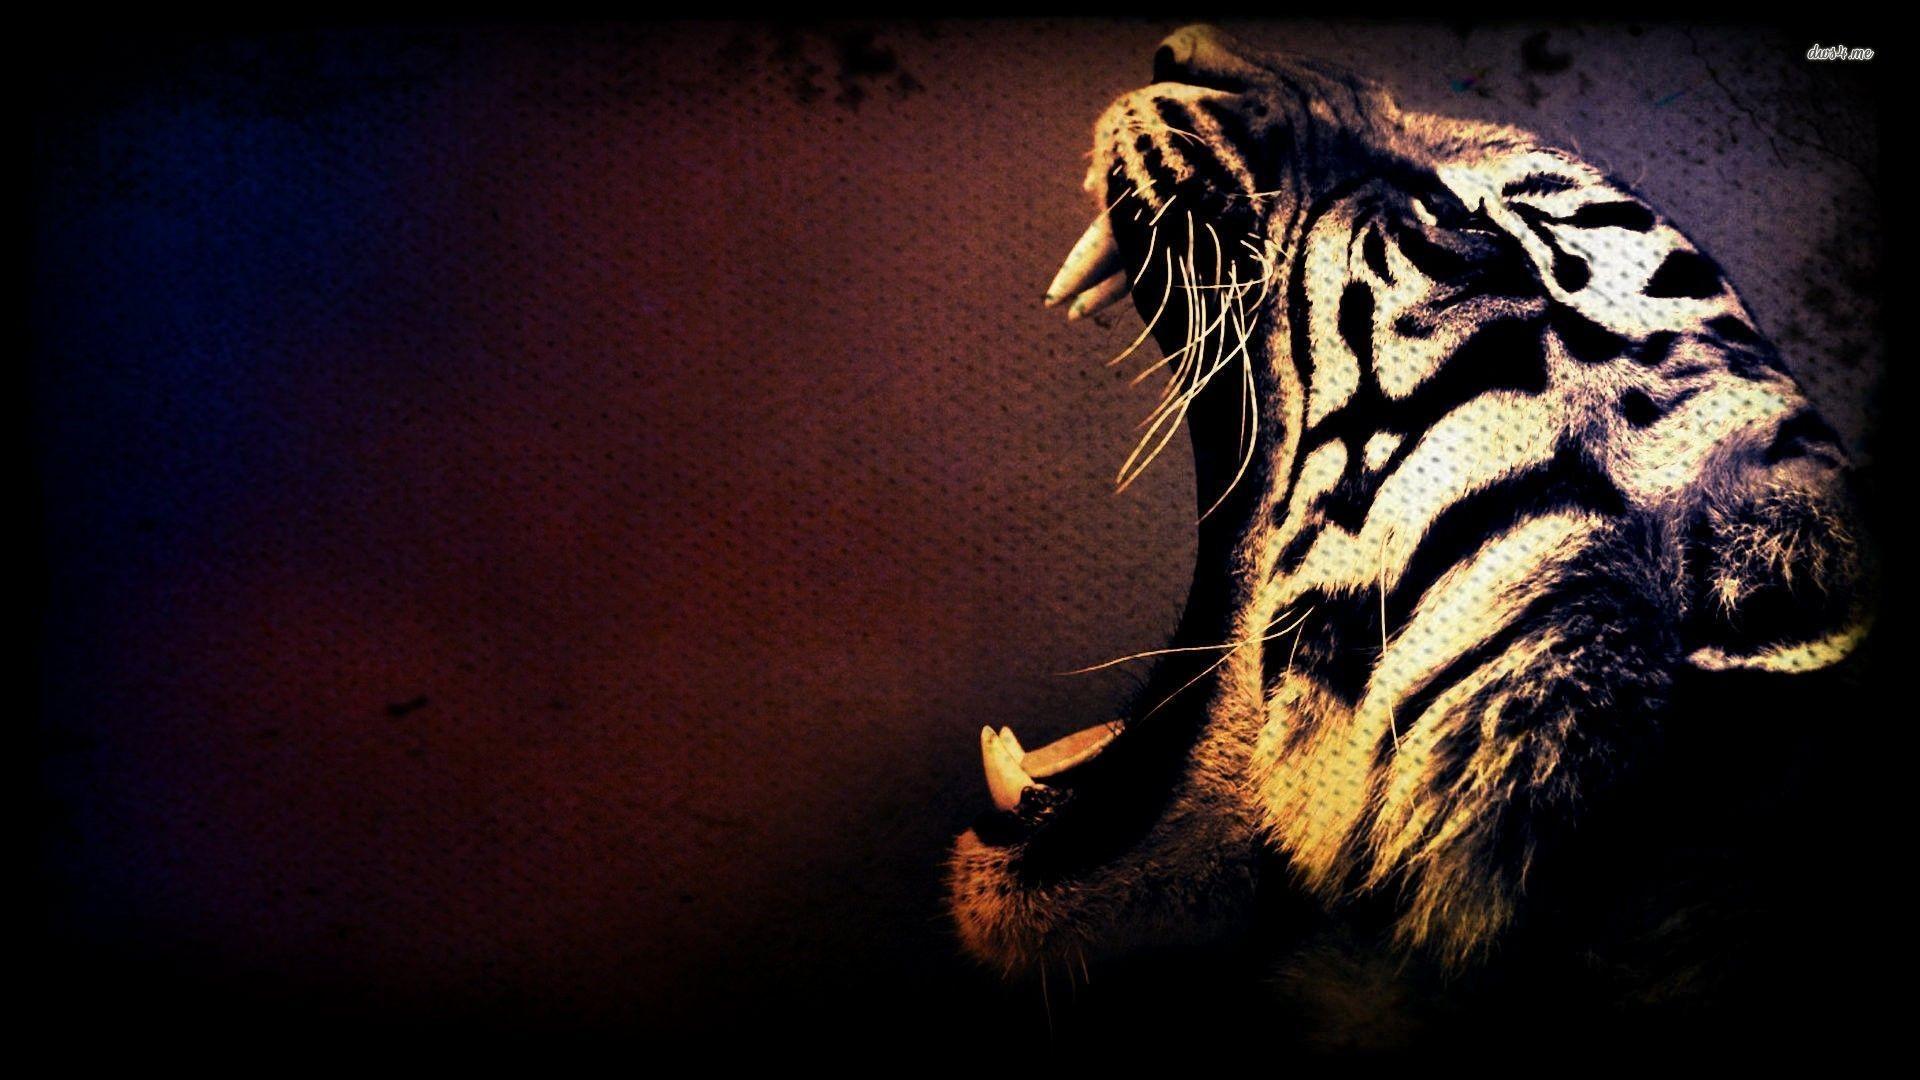 Desktop Hd Tiger Attack Pics: HD Tiger Backgrounds (75+ Images